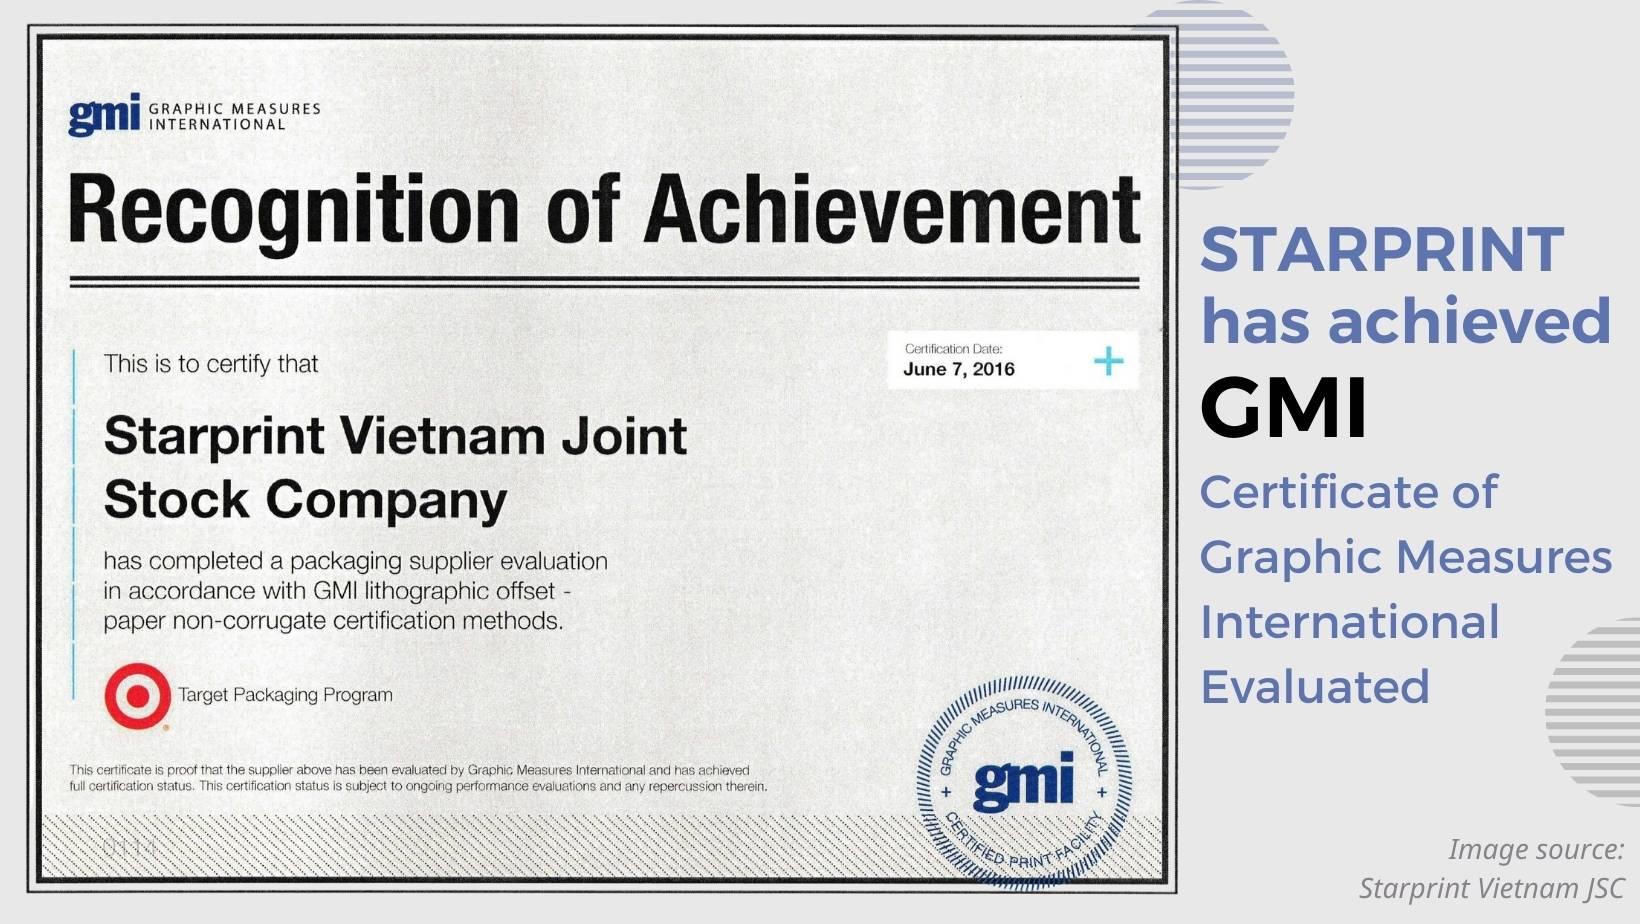 starprint achieved gmi in 2016